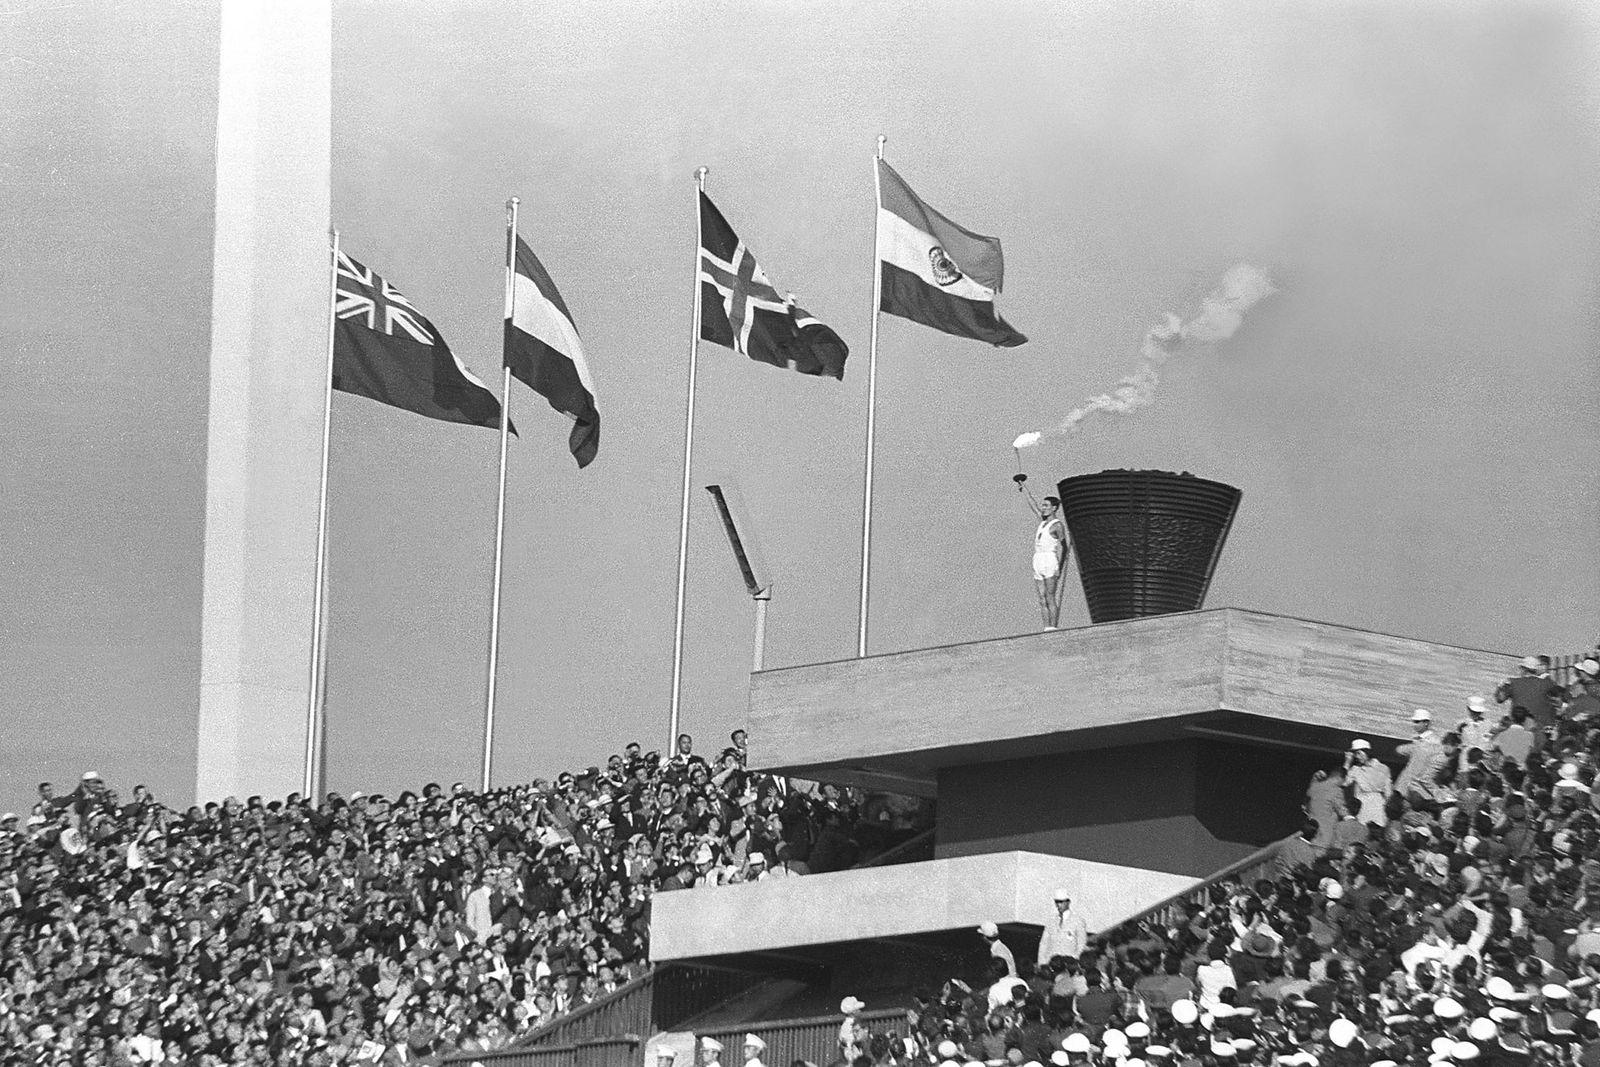 A turbulenta história das Olimpíadas em tempos de crise global